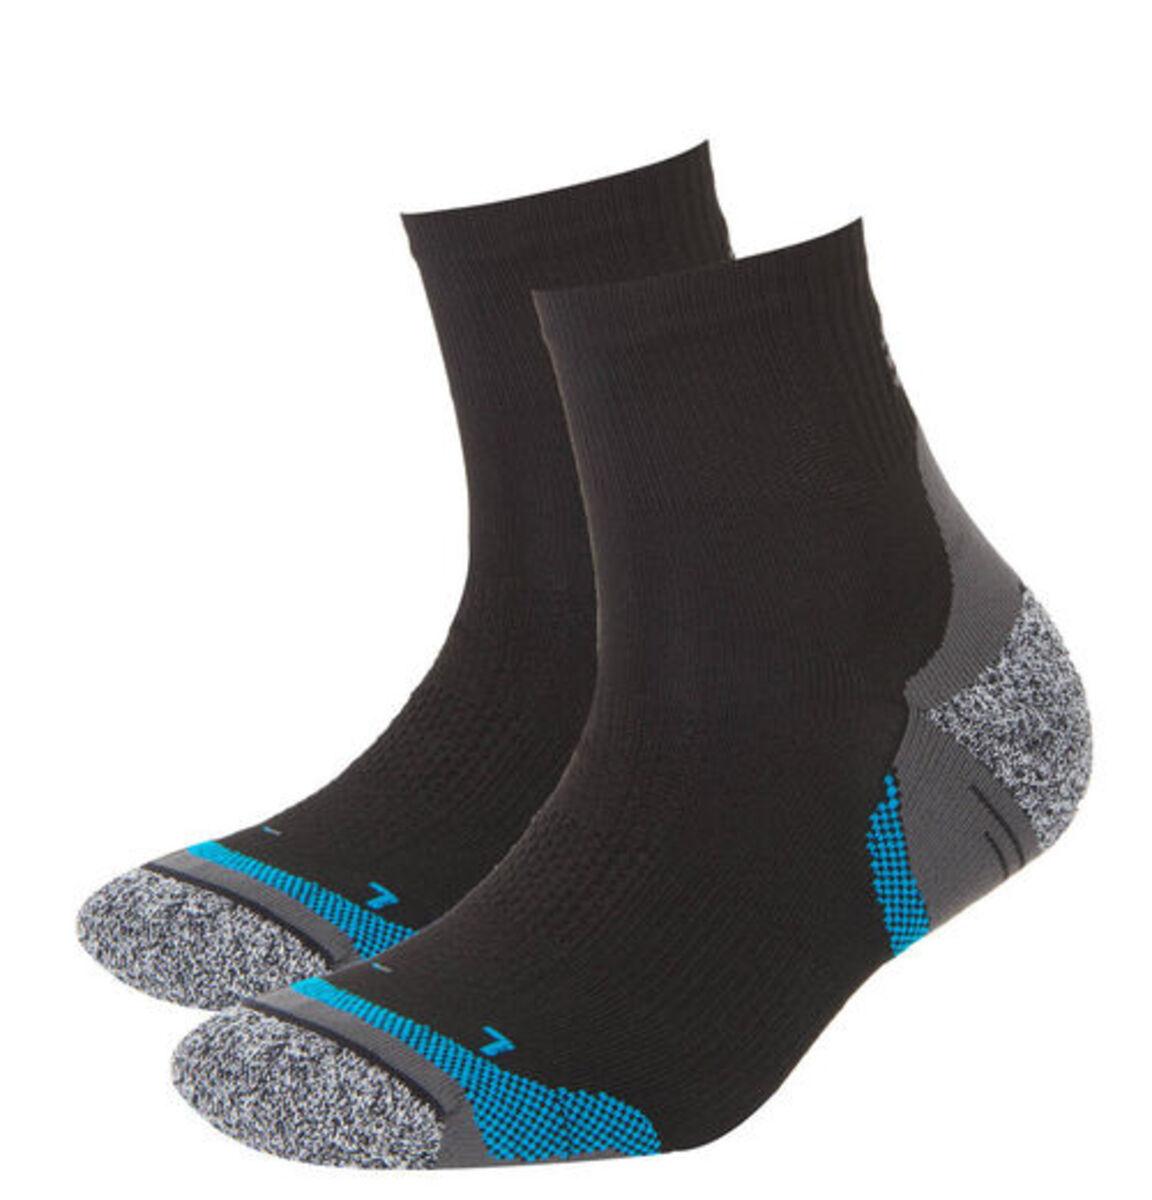 Bild 2 von manguun sports Laufsocken, 2er-Pack, Komfortbund, Achillessehnen-Schutz, blau/schwarz/grau, 43-46